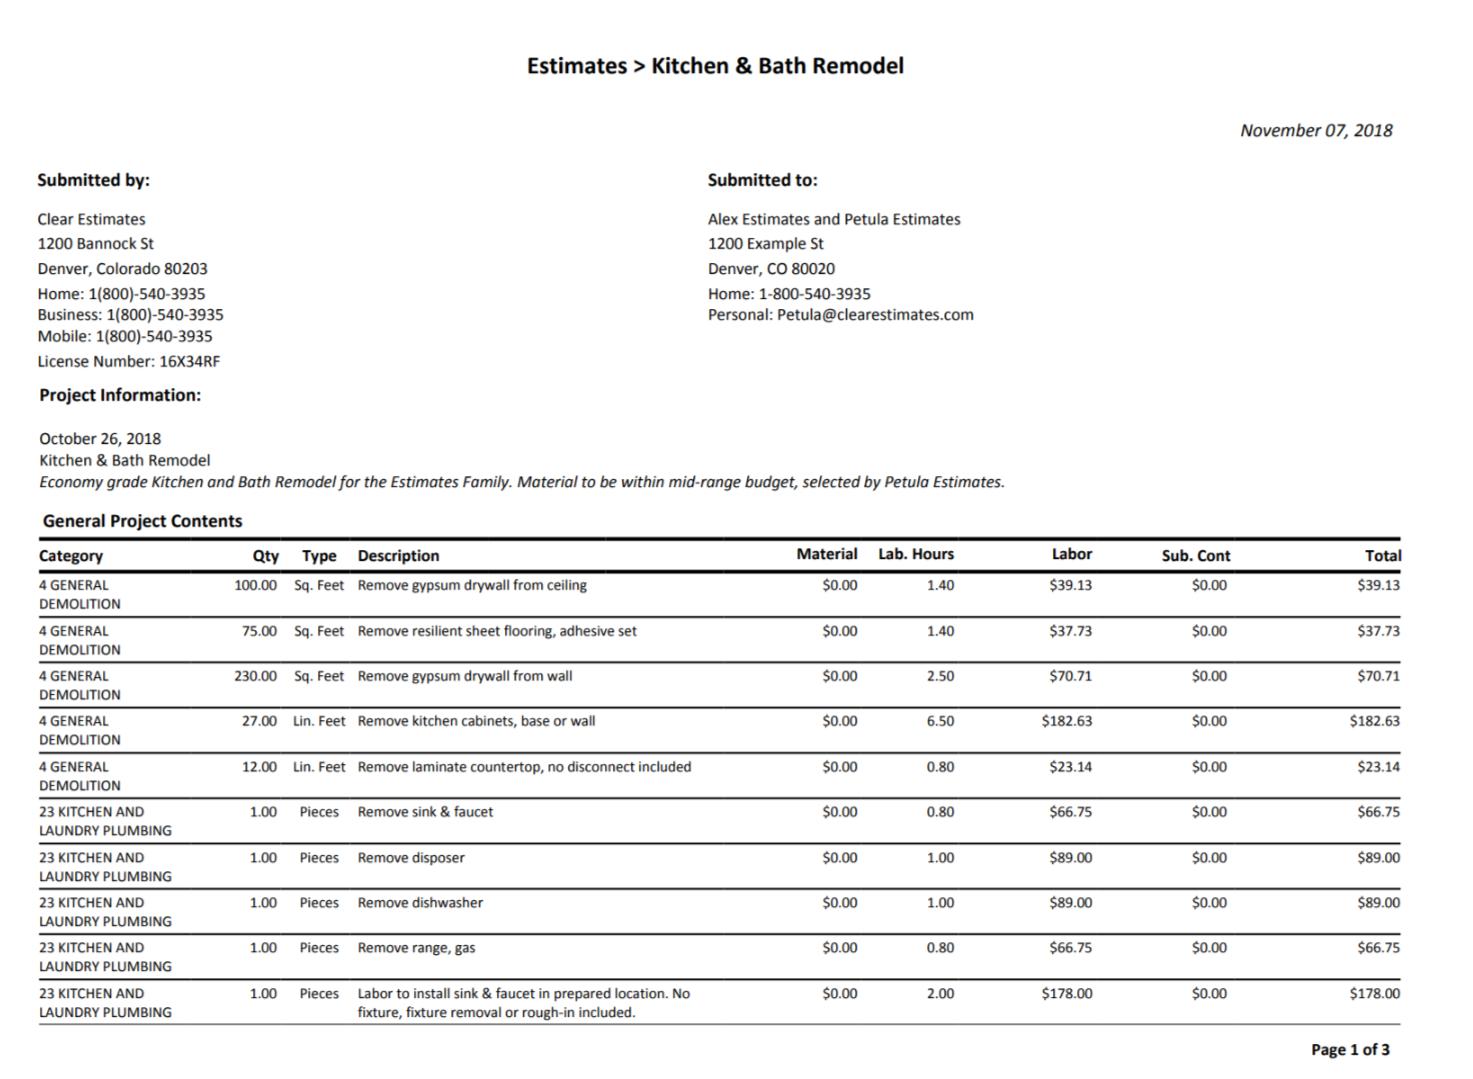 Spreadsheet breakdown of estimate